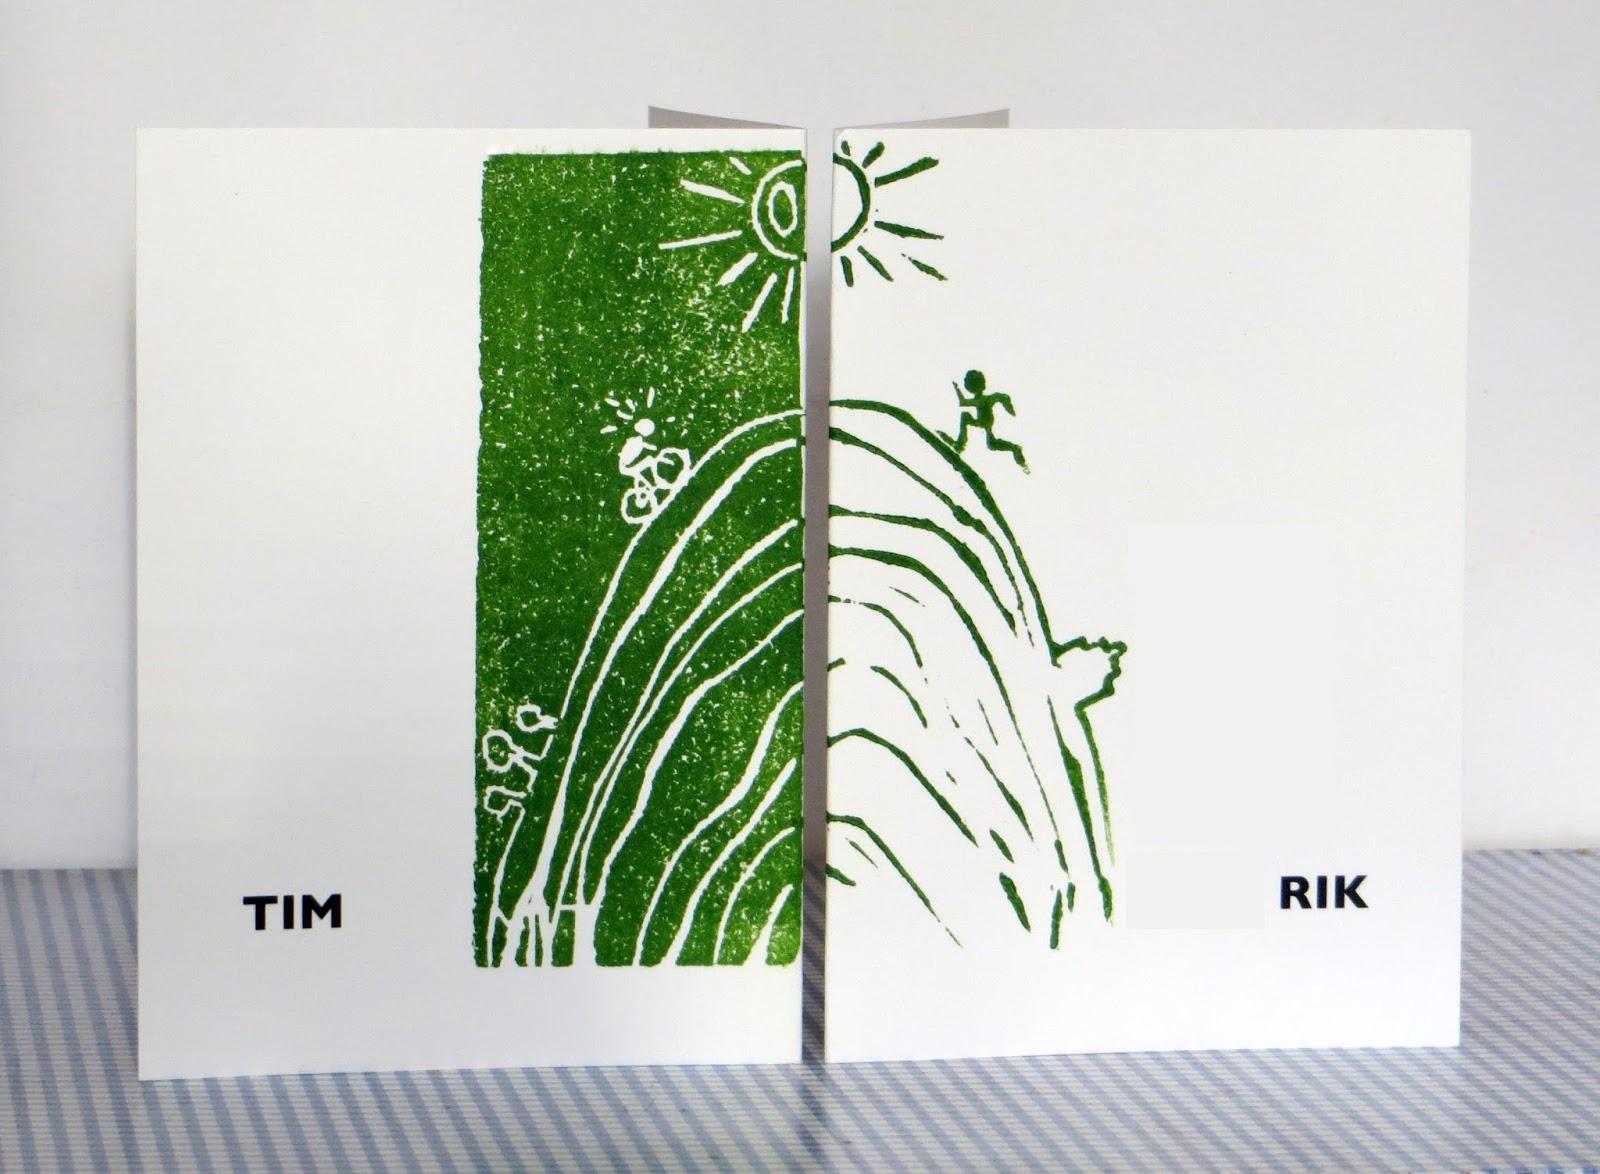 Invitation Prints with perfect invitation design